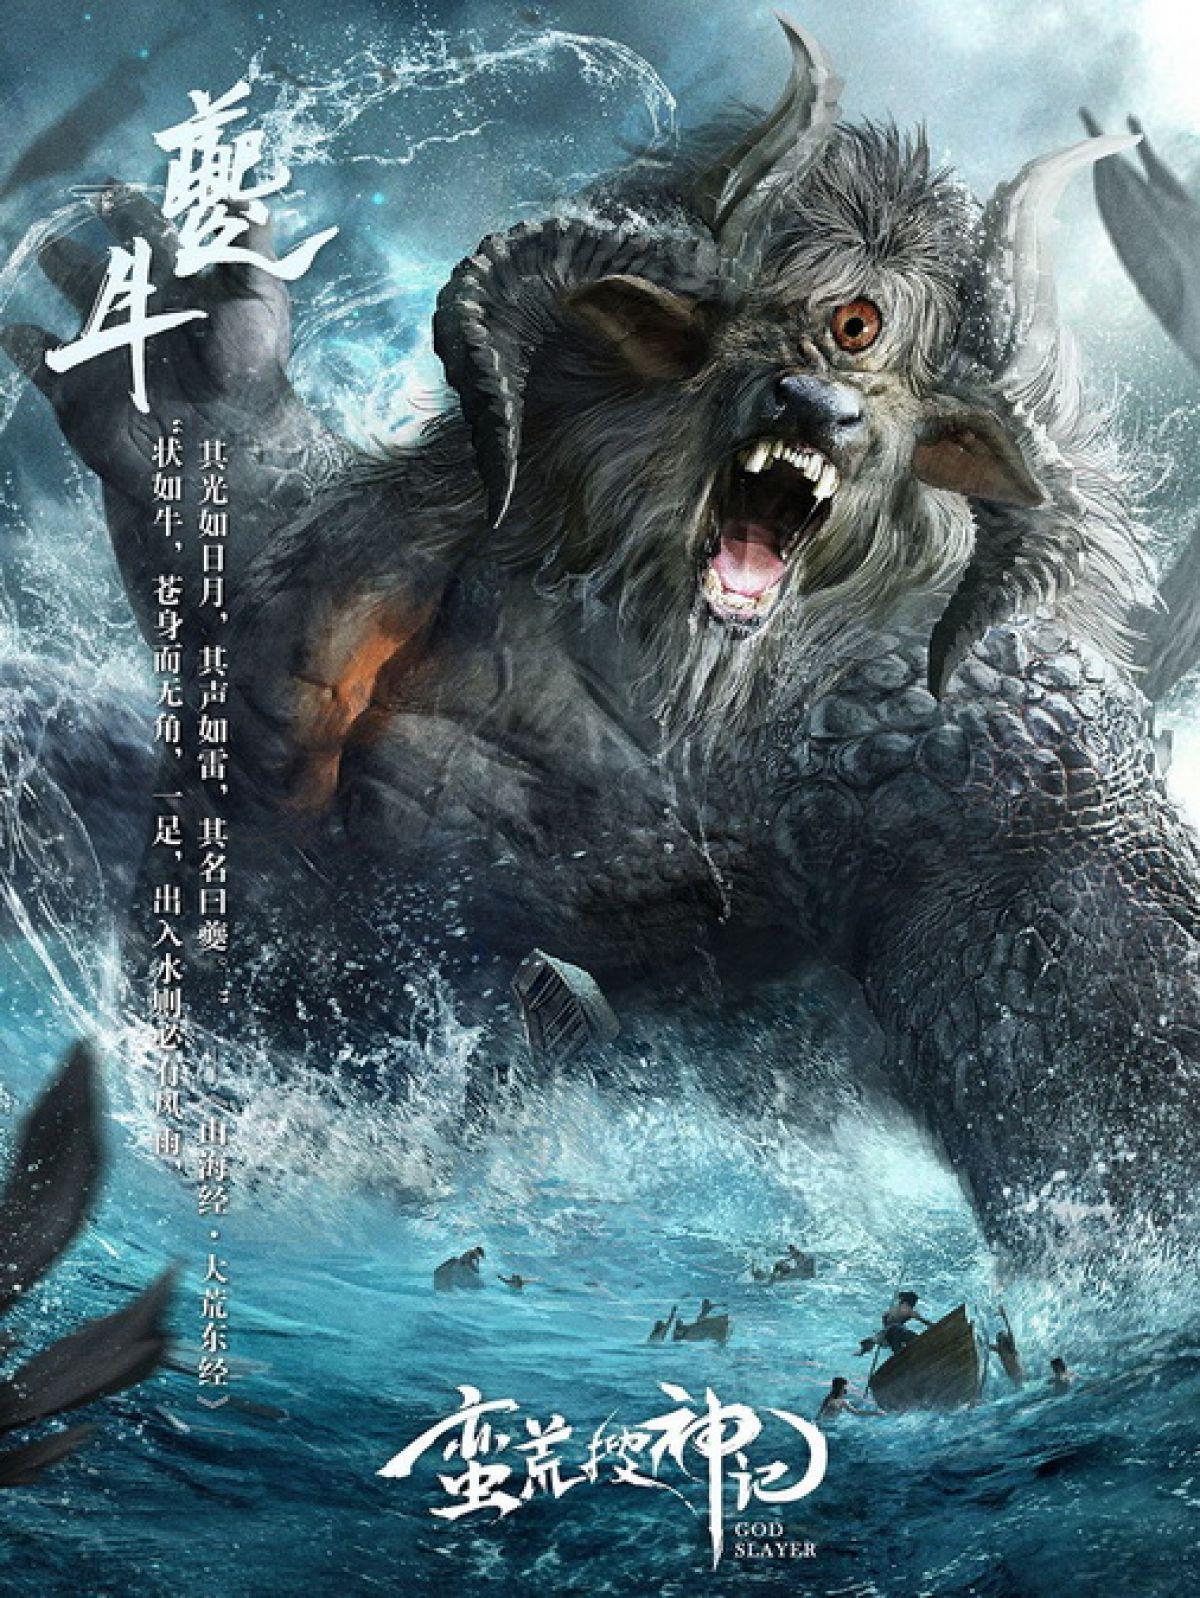 Демонстрация всех боссов в God Slayer и информация о грядущем ОБТ в Китае 20739